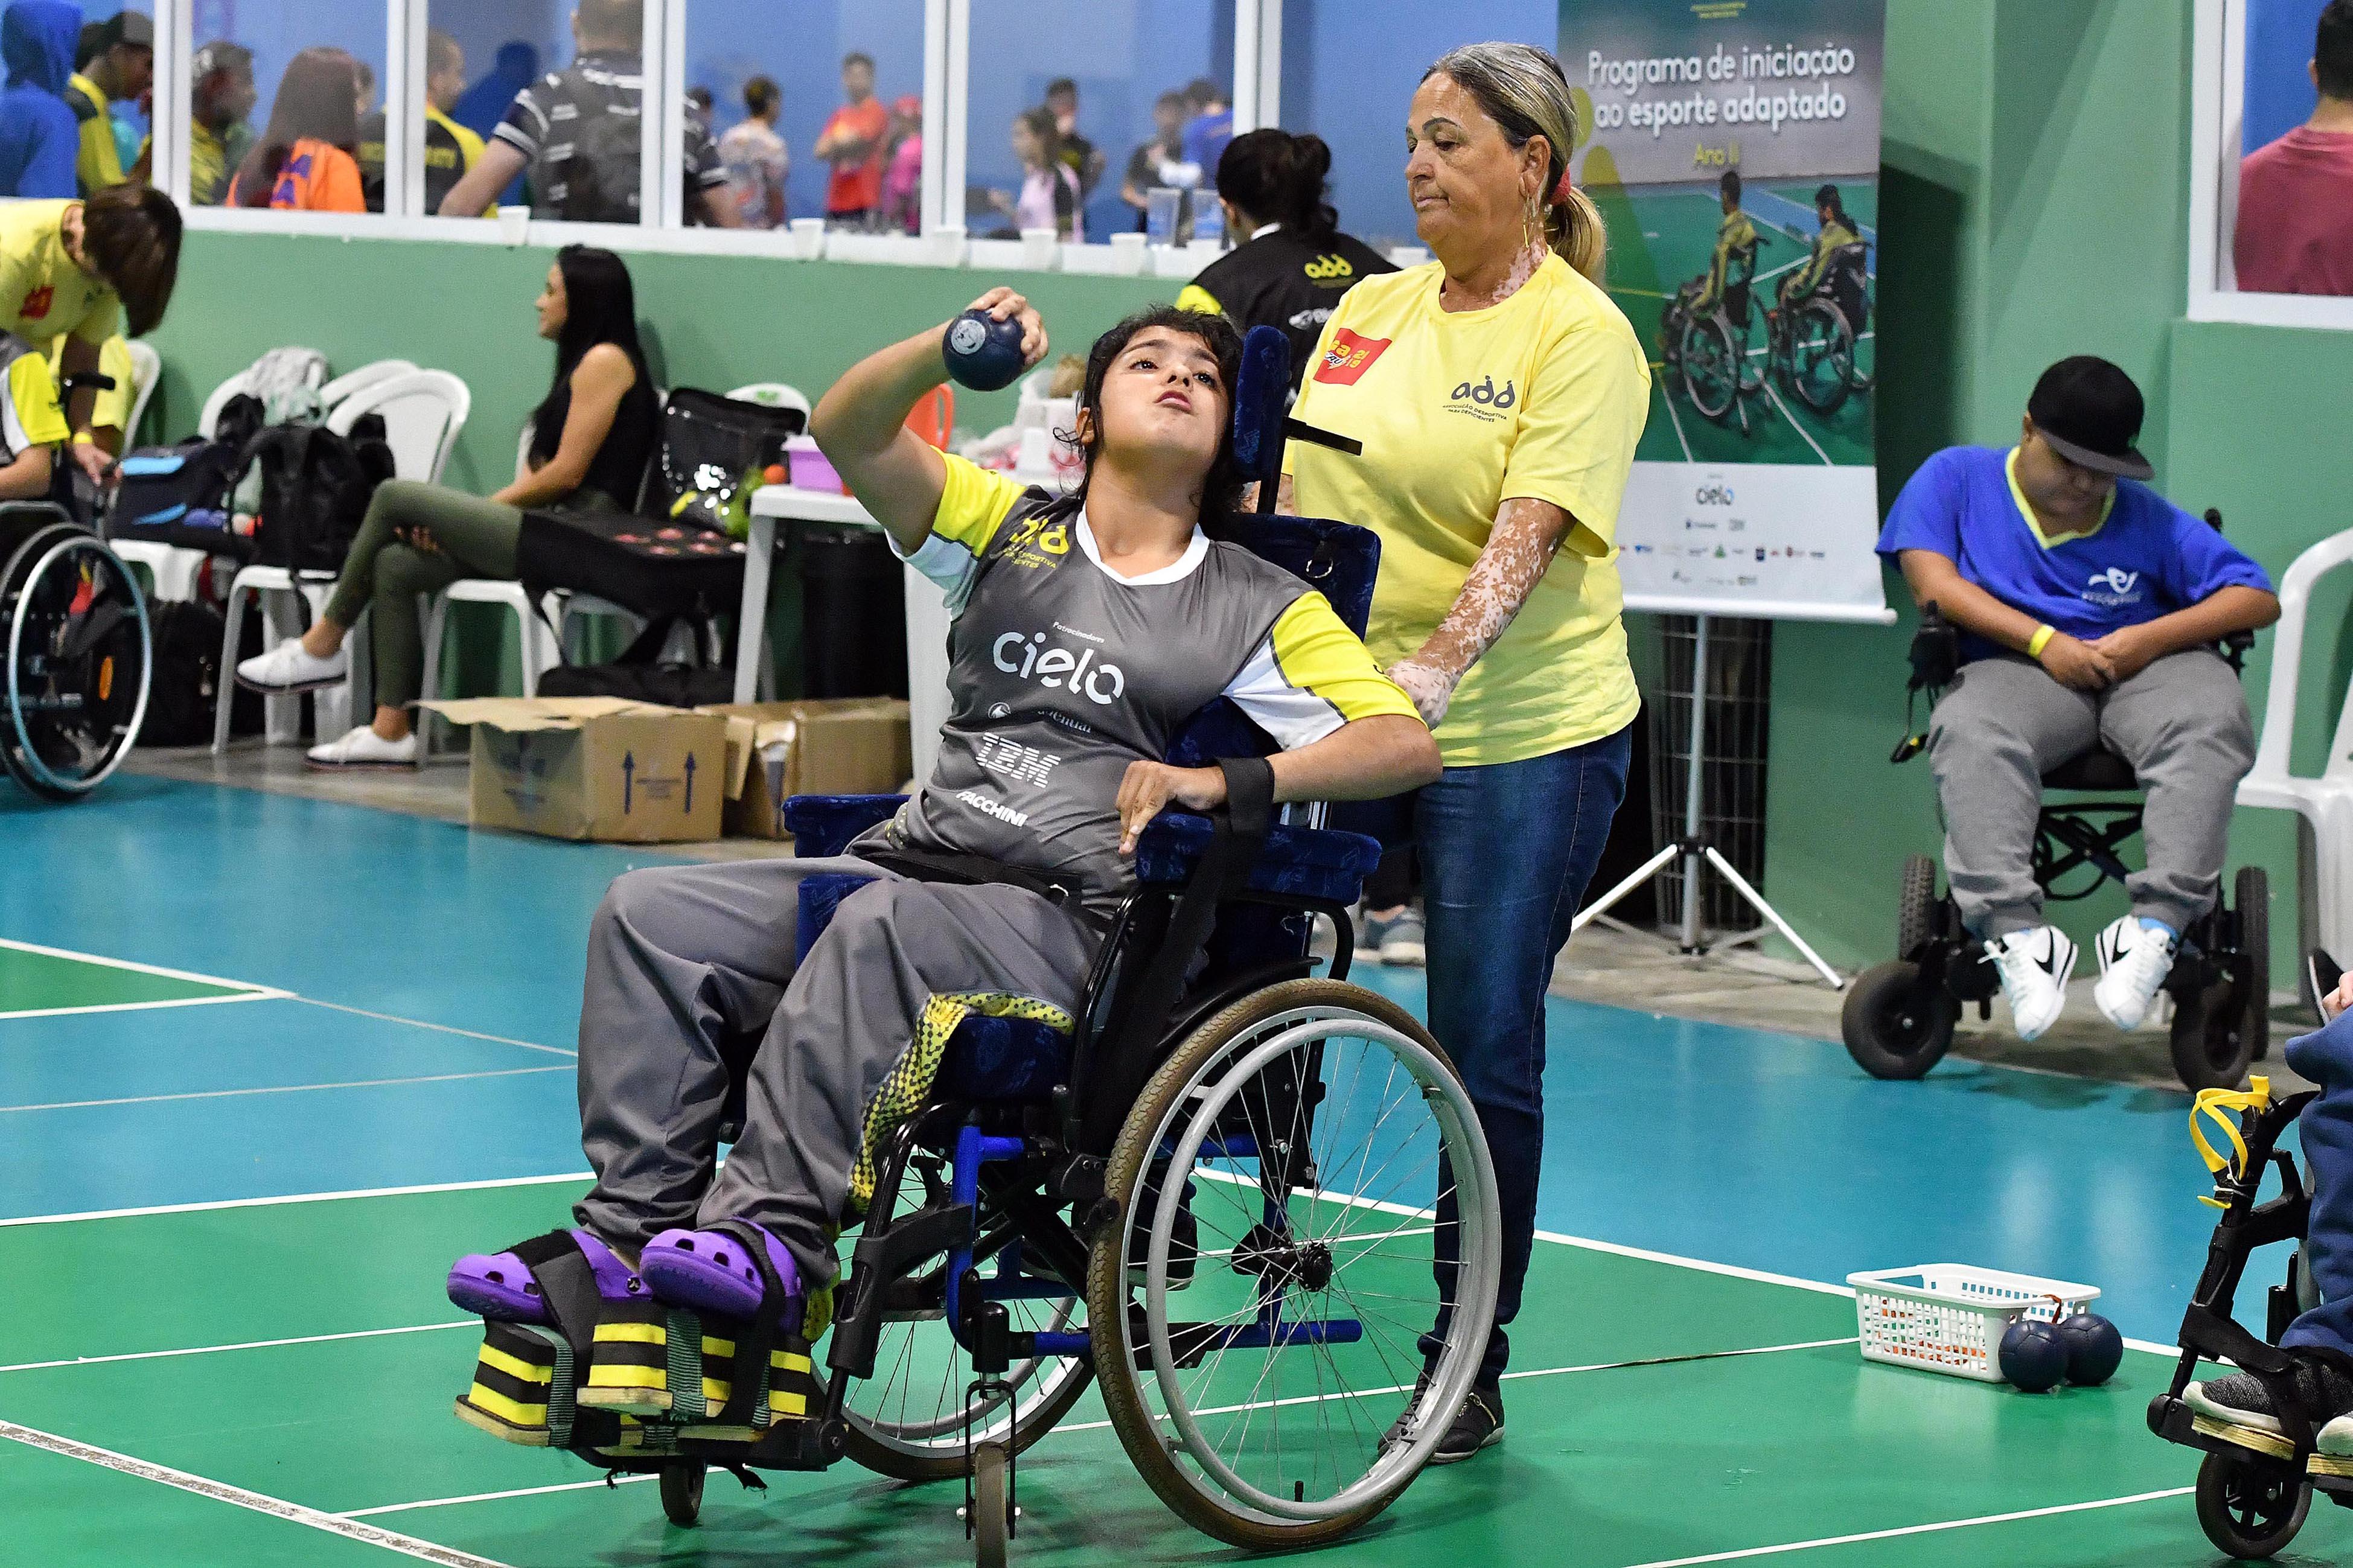 Liga Nescau reúne 4 mil alunos com e sem deficiência em competição estudantil 4